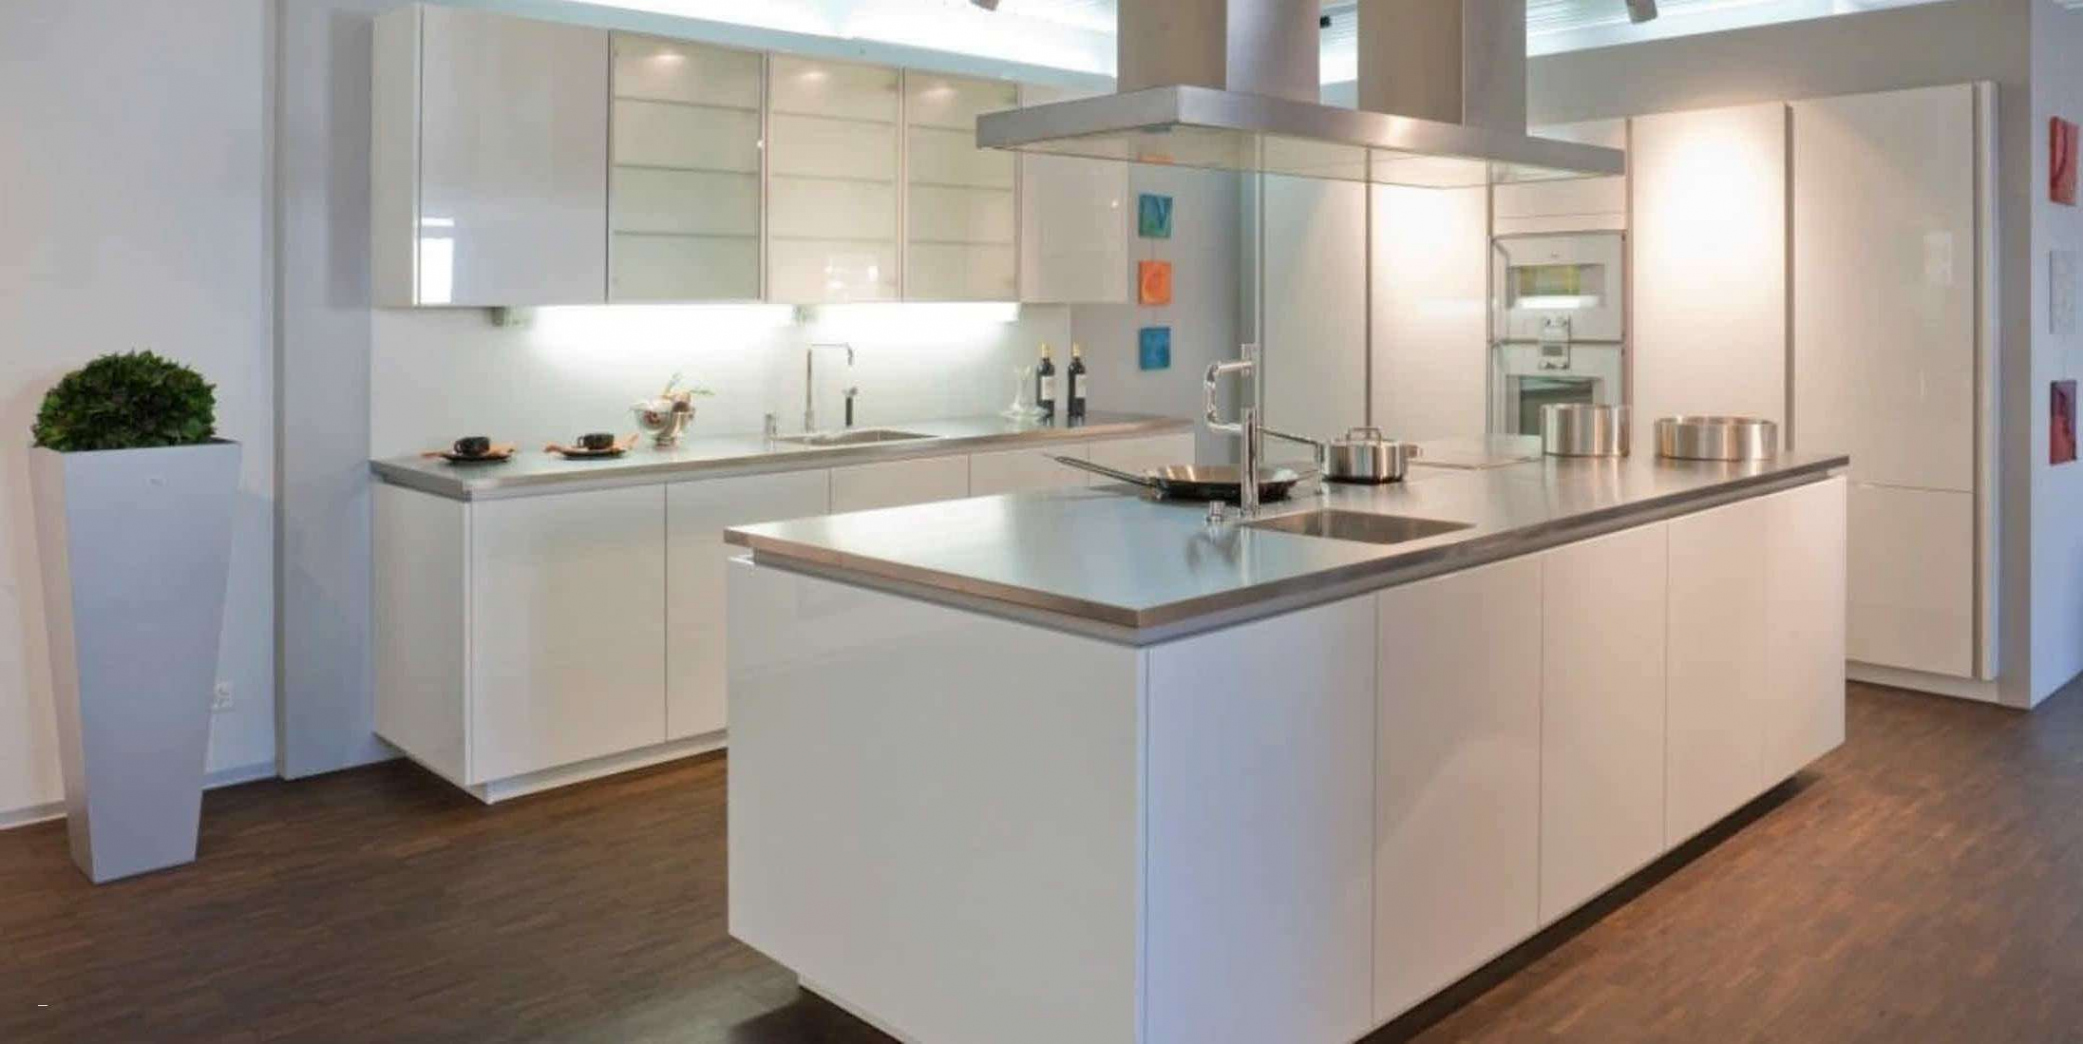 45 luxus deko ideen kuche galerie kleine kuche ideen kleine kuche ideen 3